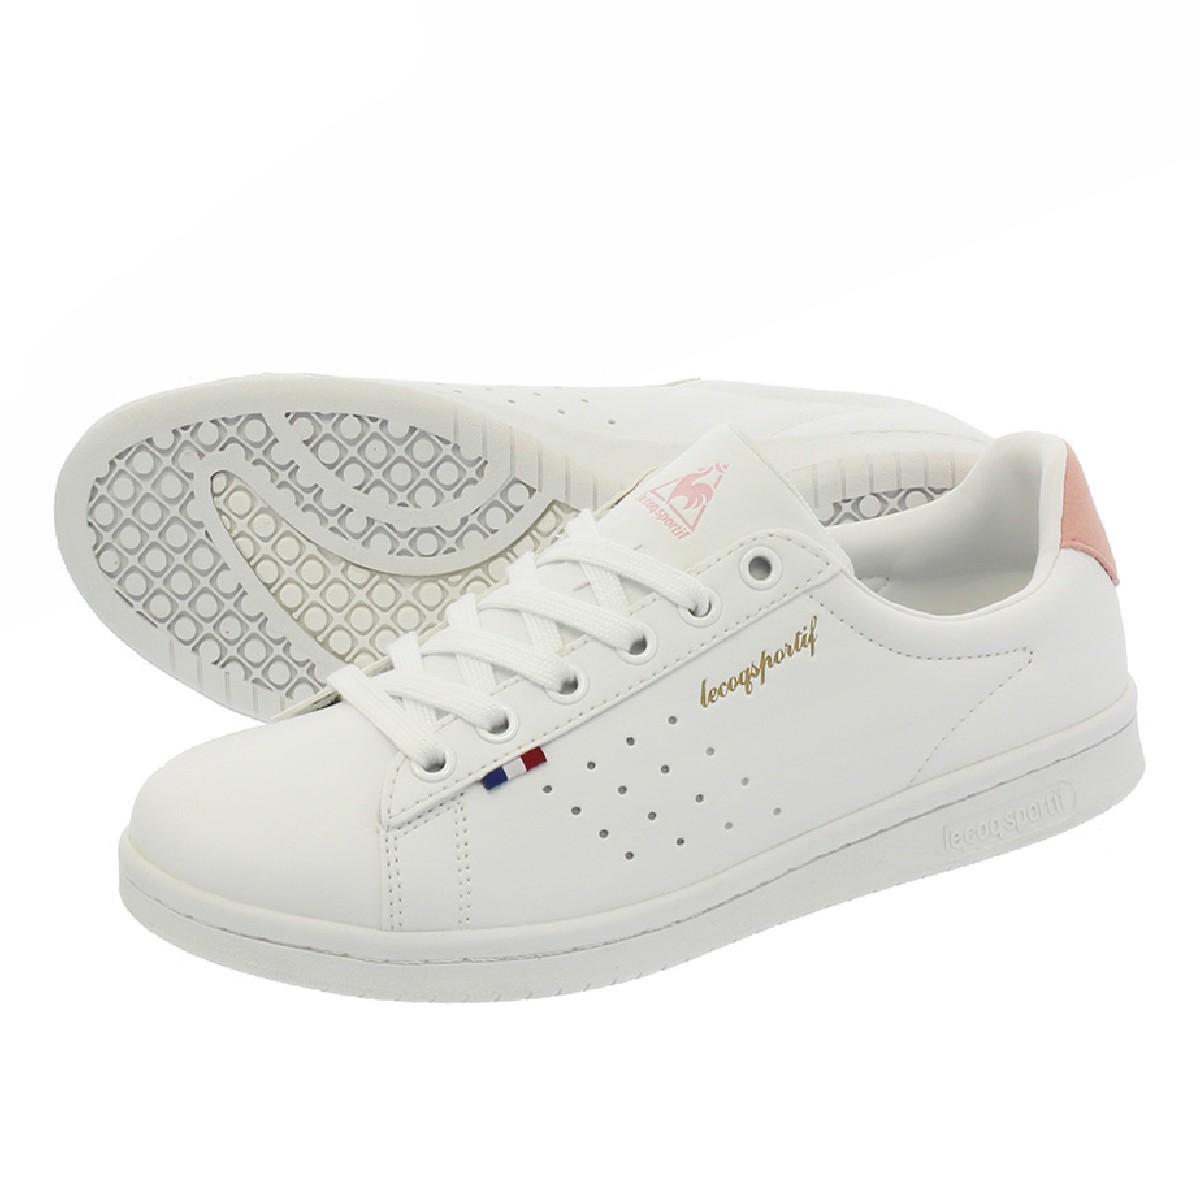 メンズ靴, スニーカー  le coq sportif LA ROLAND SL LA SL WHITEPINK ql1ljc16wp